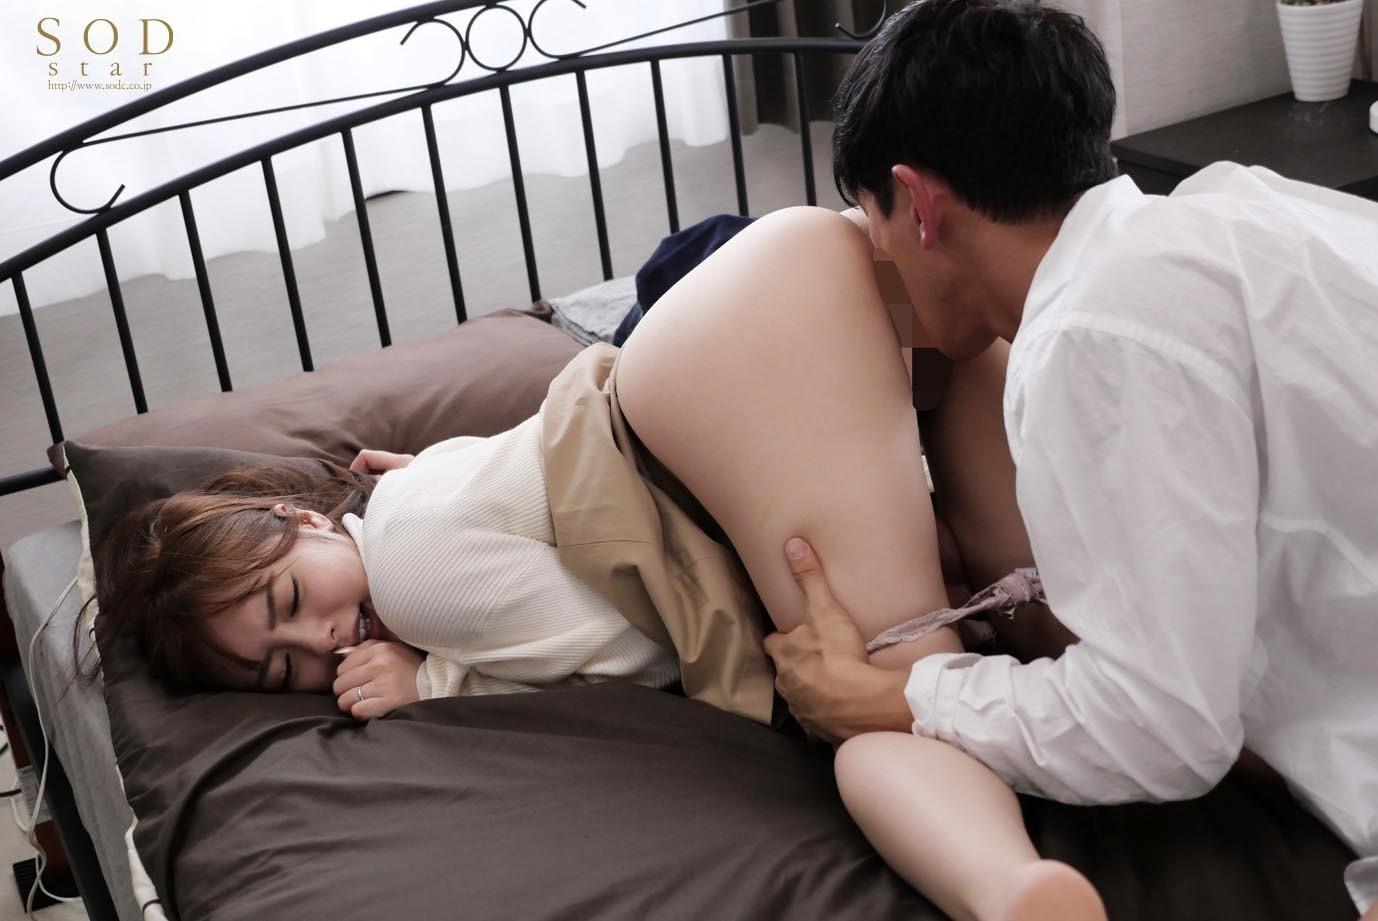 『あなた、ごめんなさい・・・って言わせたいんでしょ?』~人妻幼馴染は、帰省してきた初恋の人にW不倫中出しを誘惑されたかった・・・大型連休の出来事~ 小倉由菜,のサンプル画像6